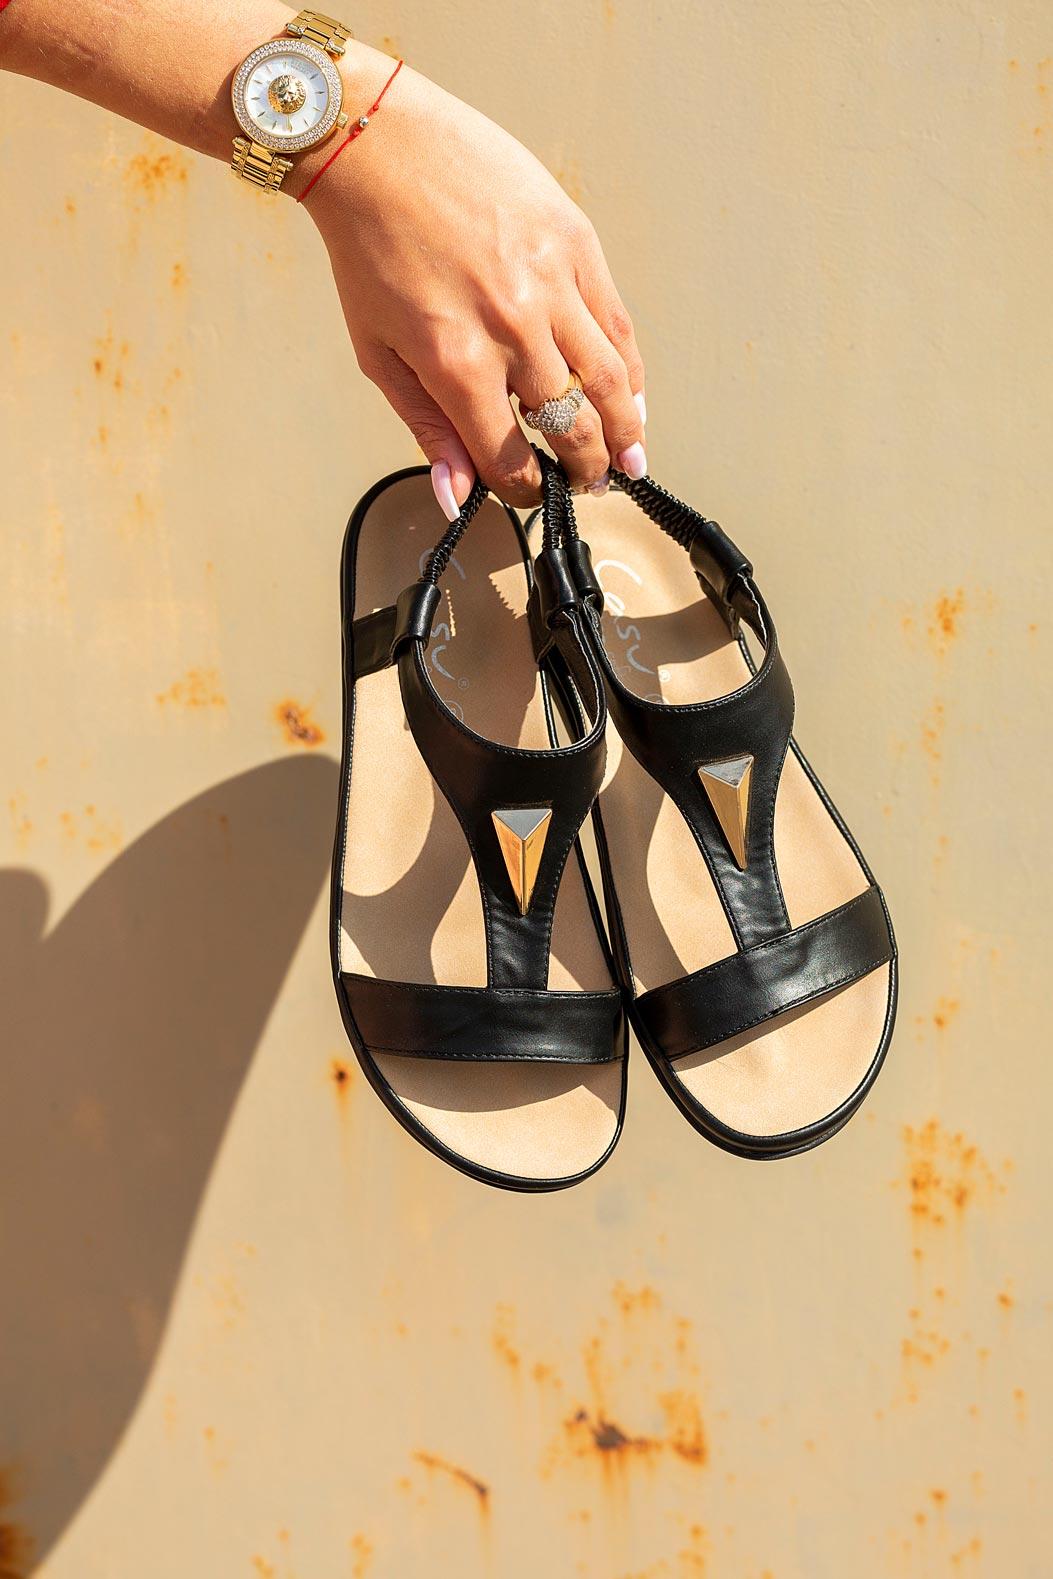 Czarne sandały płaskie z gumką i metalową ozdobą Casu N19X6/B kolor czarny